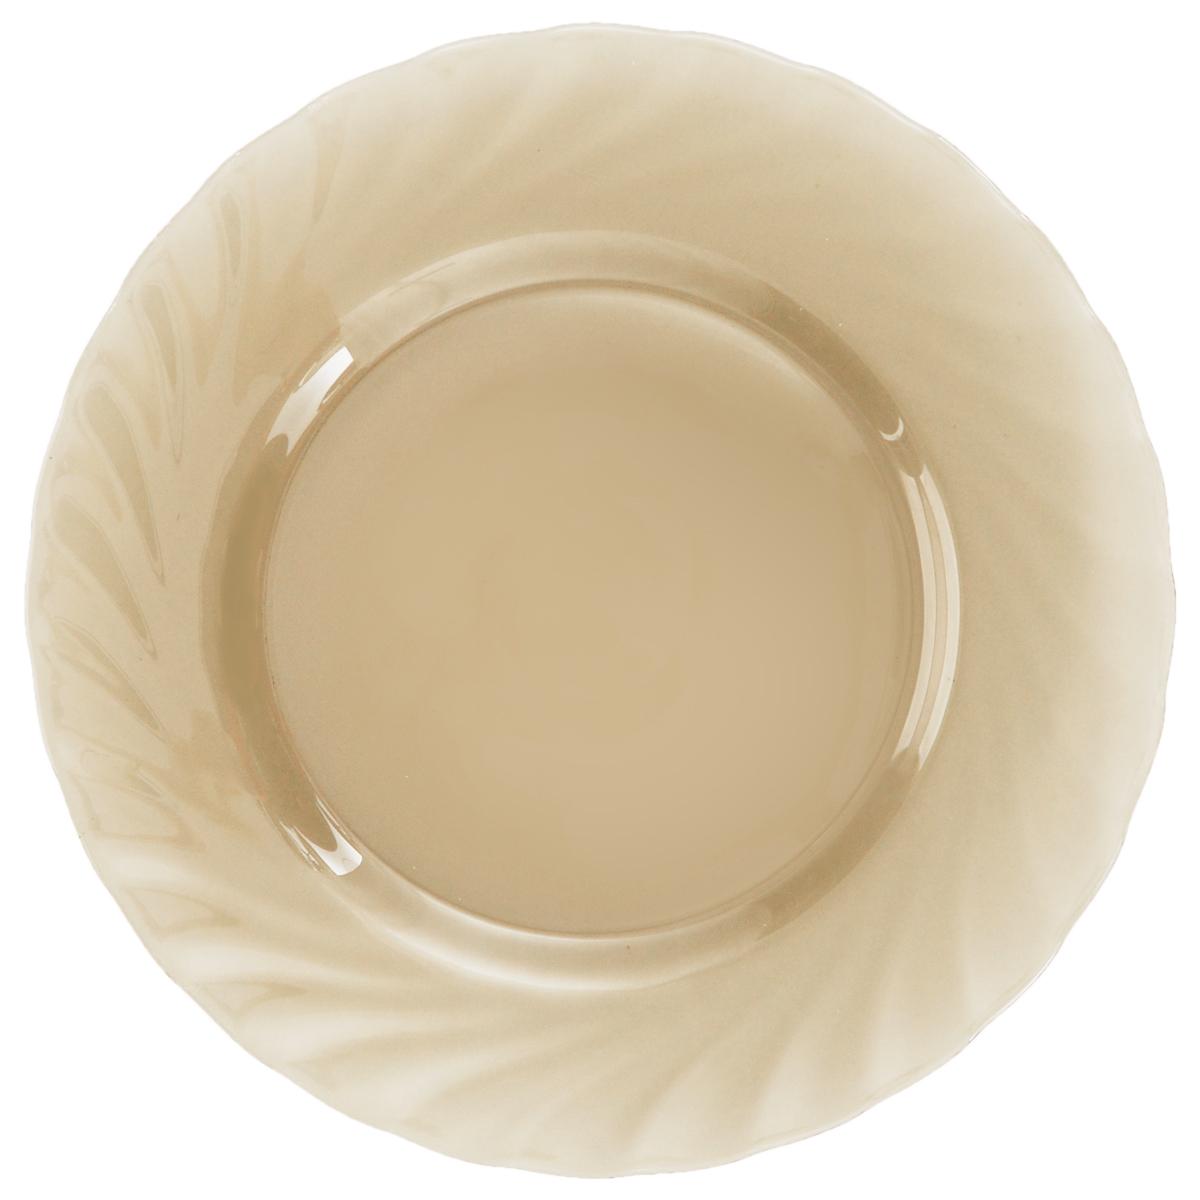 Тарелка десертная Luminarc Ocean Eclipse, диаметр 19,5 смH0246Десертная тарелка Luminarc Ocean Eclipse изготовлена из ударопрочного стекла. Такая тарелка прекрасно подходит как для торжественных случаев, так и для повседневного использования. Идеальна для подачи десертов, пирожных, тортов и многого другого. Она прекрасно оформит стол и станет отличным дополнением к вашей коллекции кухонной посуды. Диаметр тарелки (по верхнему краю): 19,5 см.